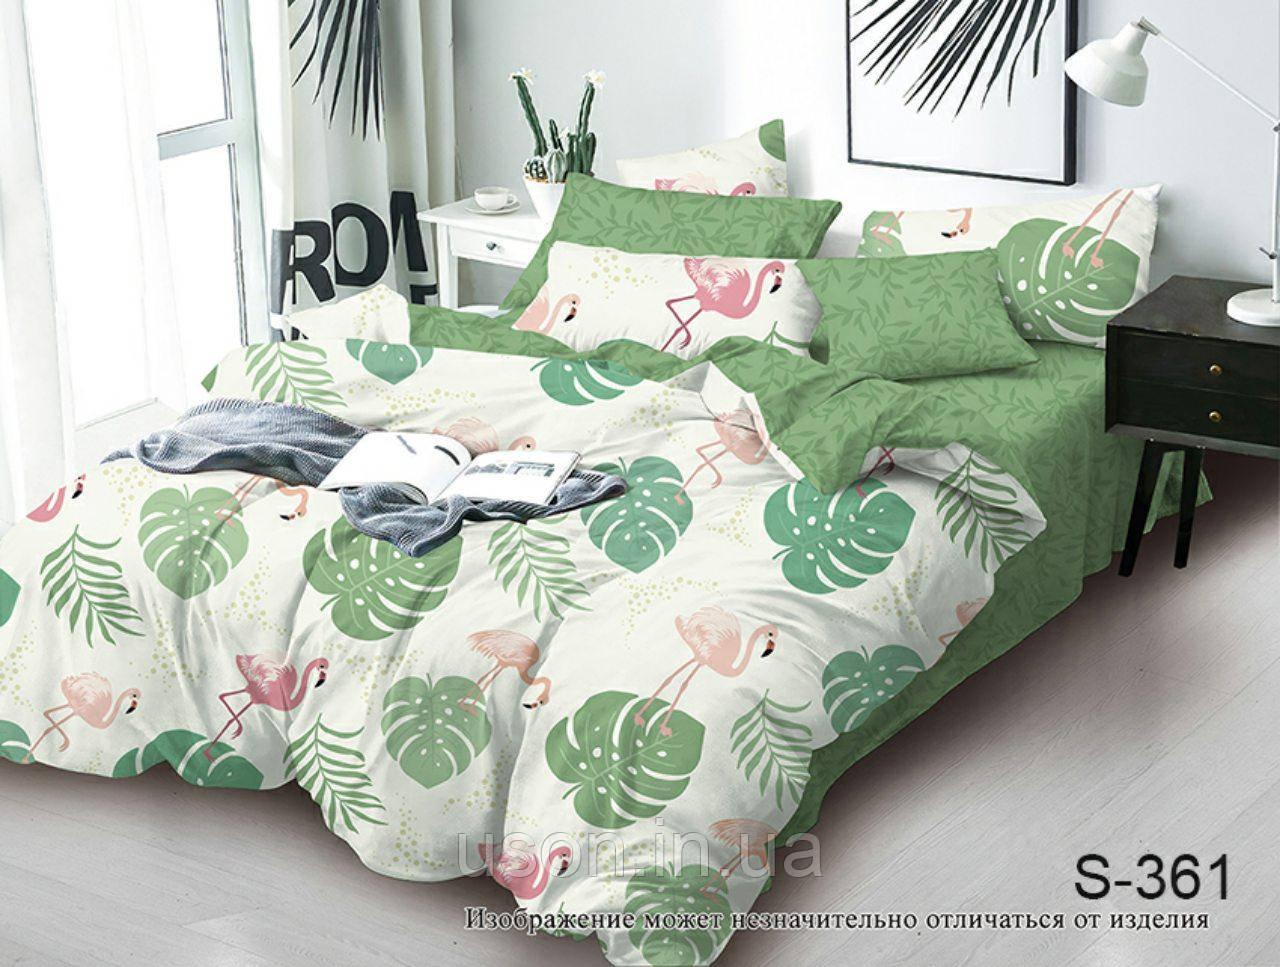 Комплект постельного белья сатин TM Tag S361